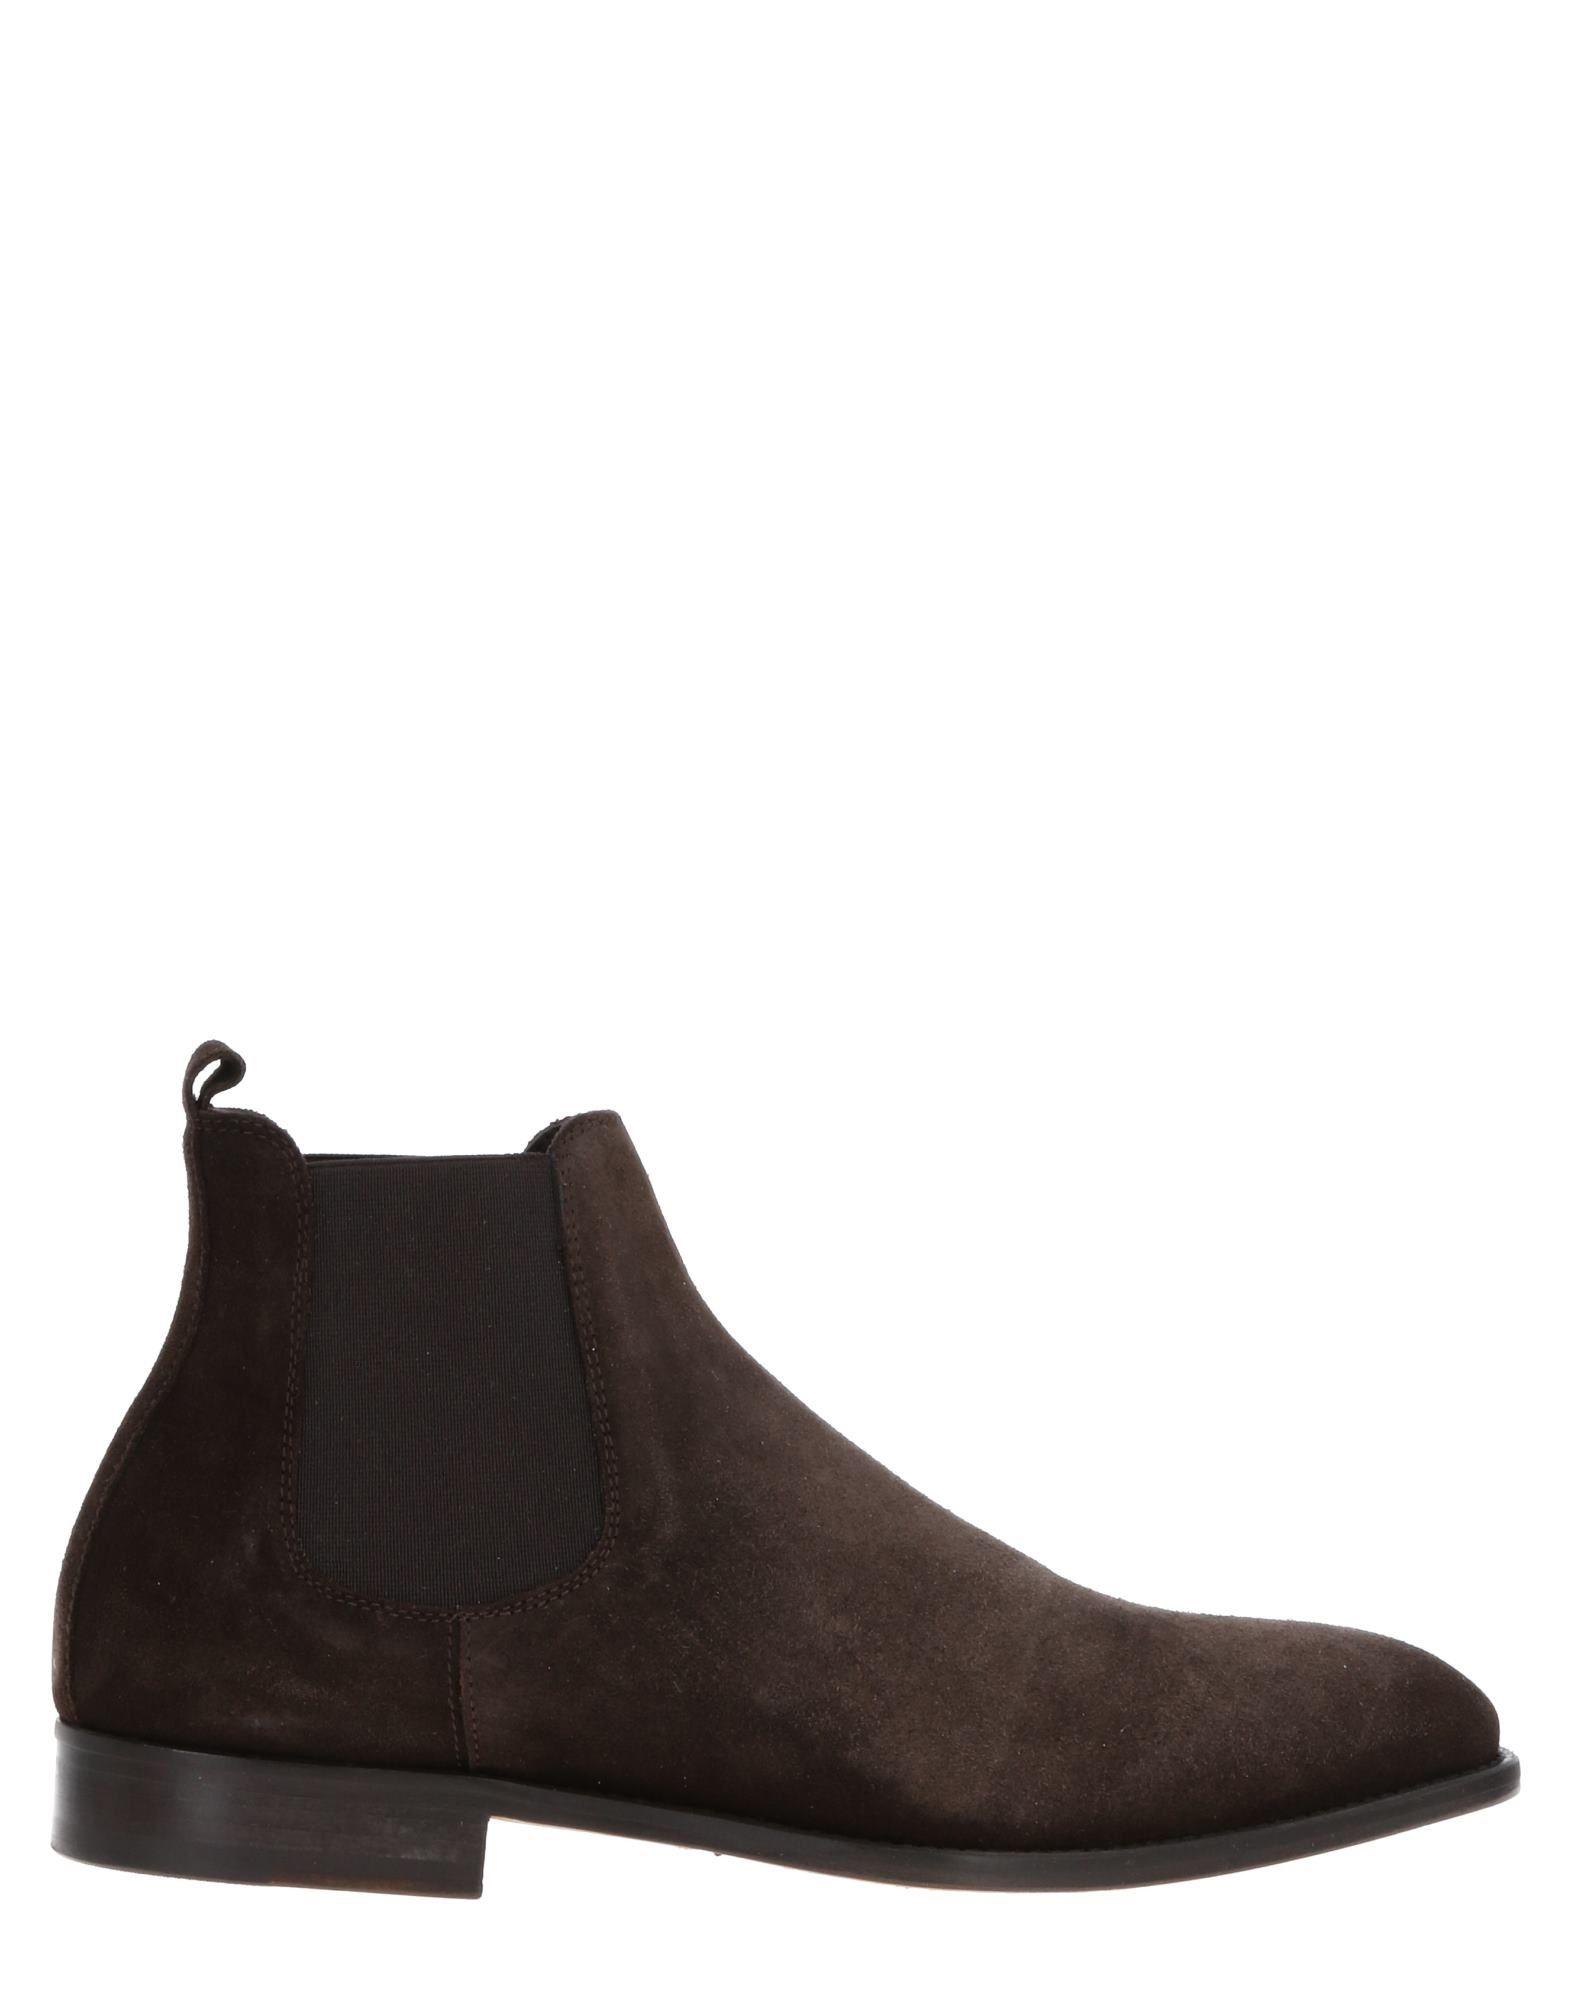 Bottine Settantatre Lr Homme - Bottines Settantatre Lr  Moka Les chaussures les plus populaires pour les hommes et les femmes